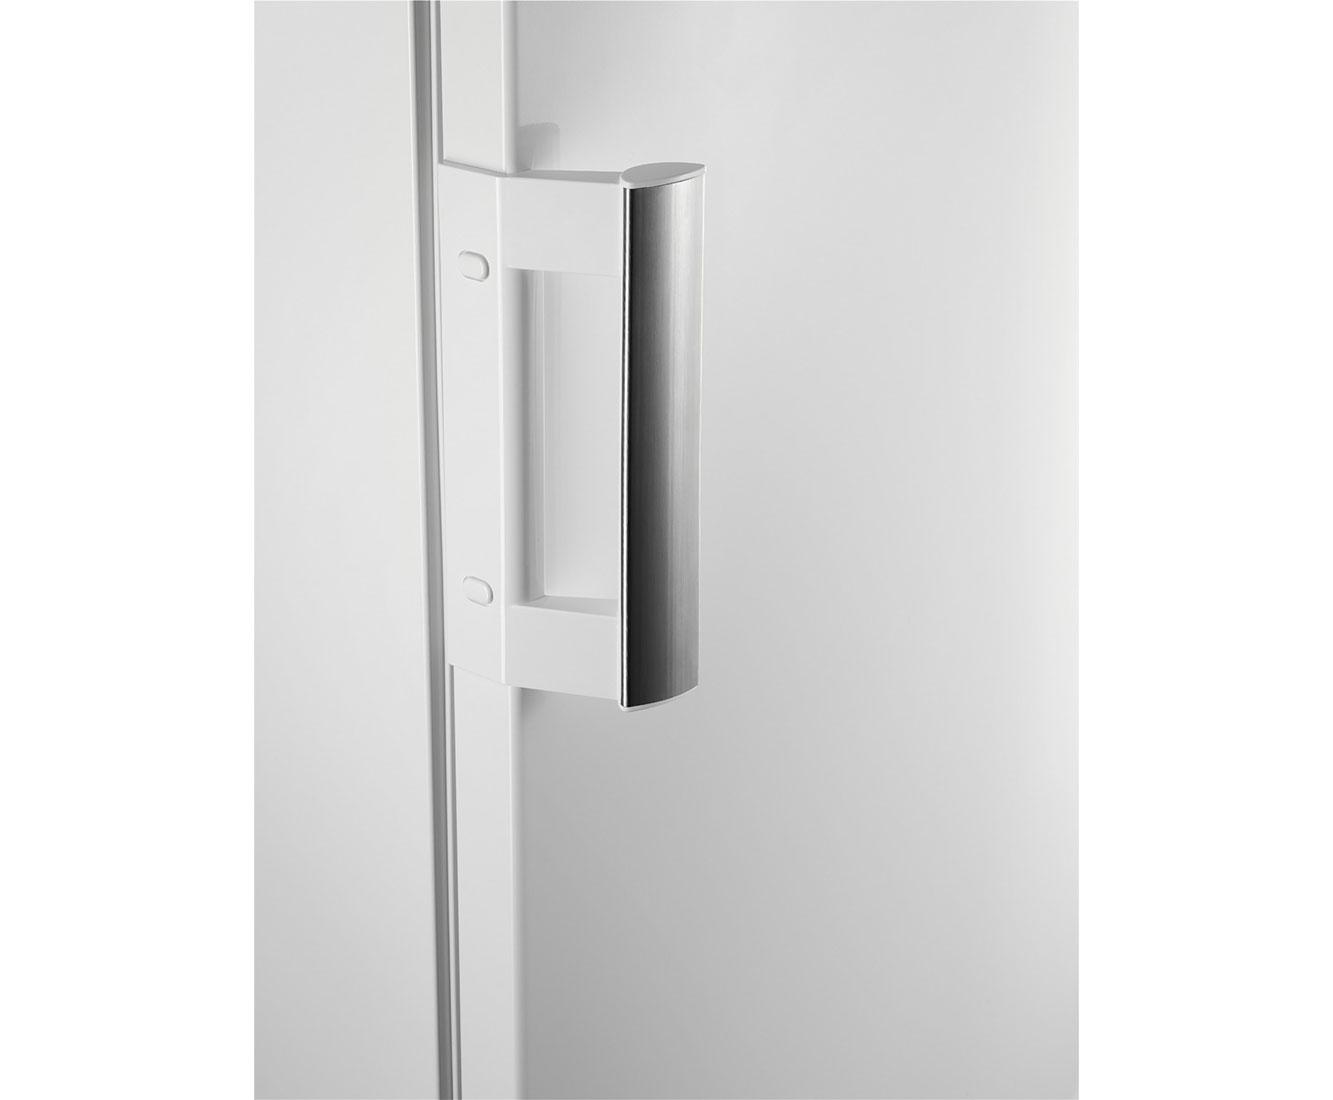 Aeg Kühlschrank Händler : Aeg santo rtb aw kühlschrank mit gefrierfach weiß a